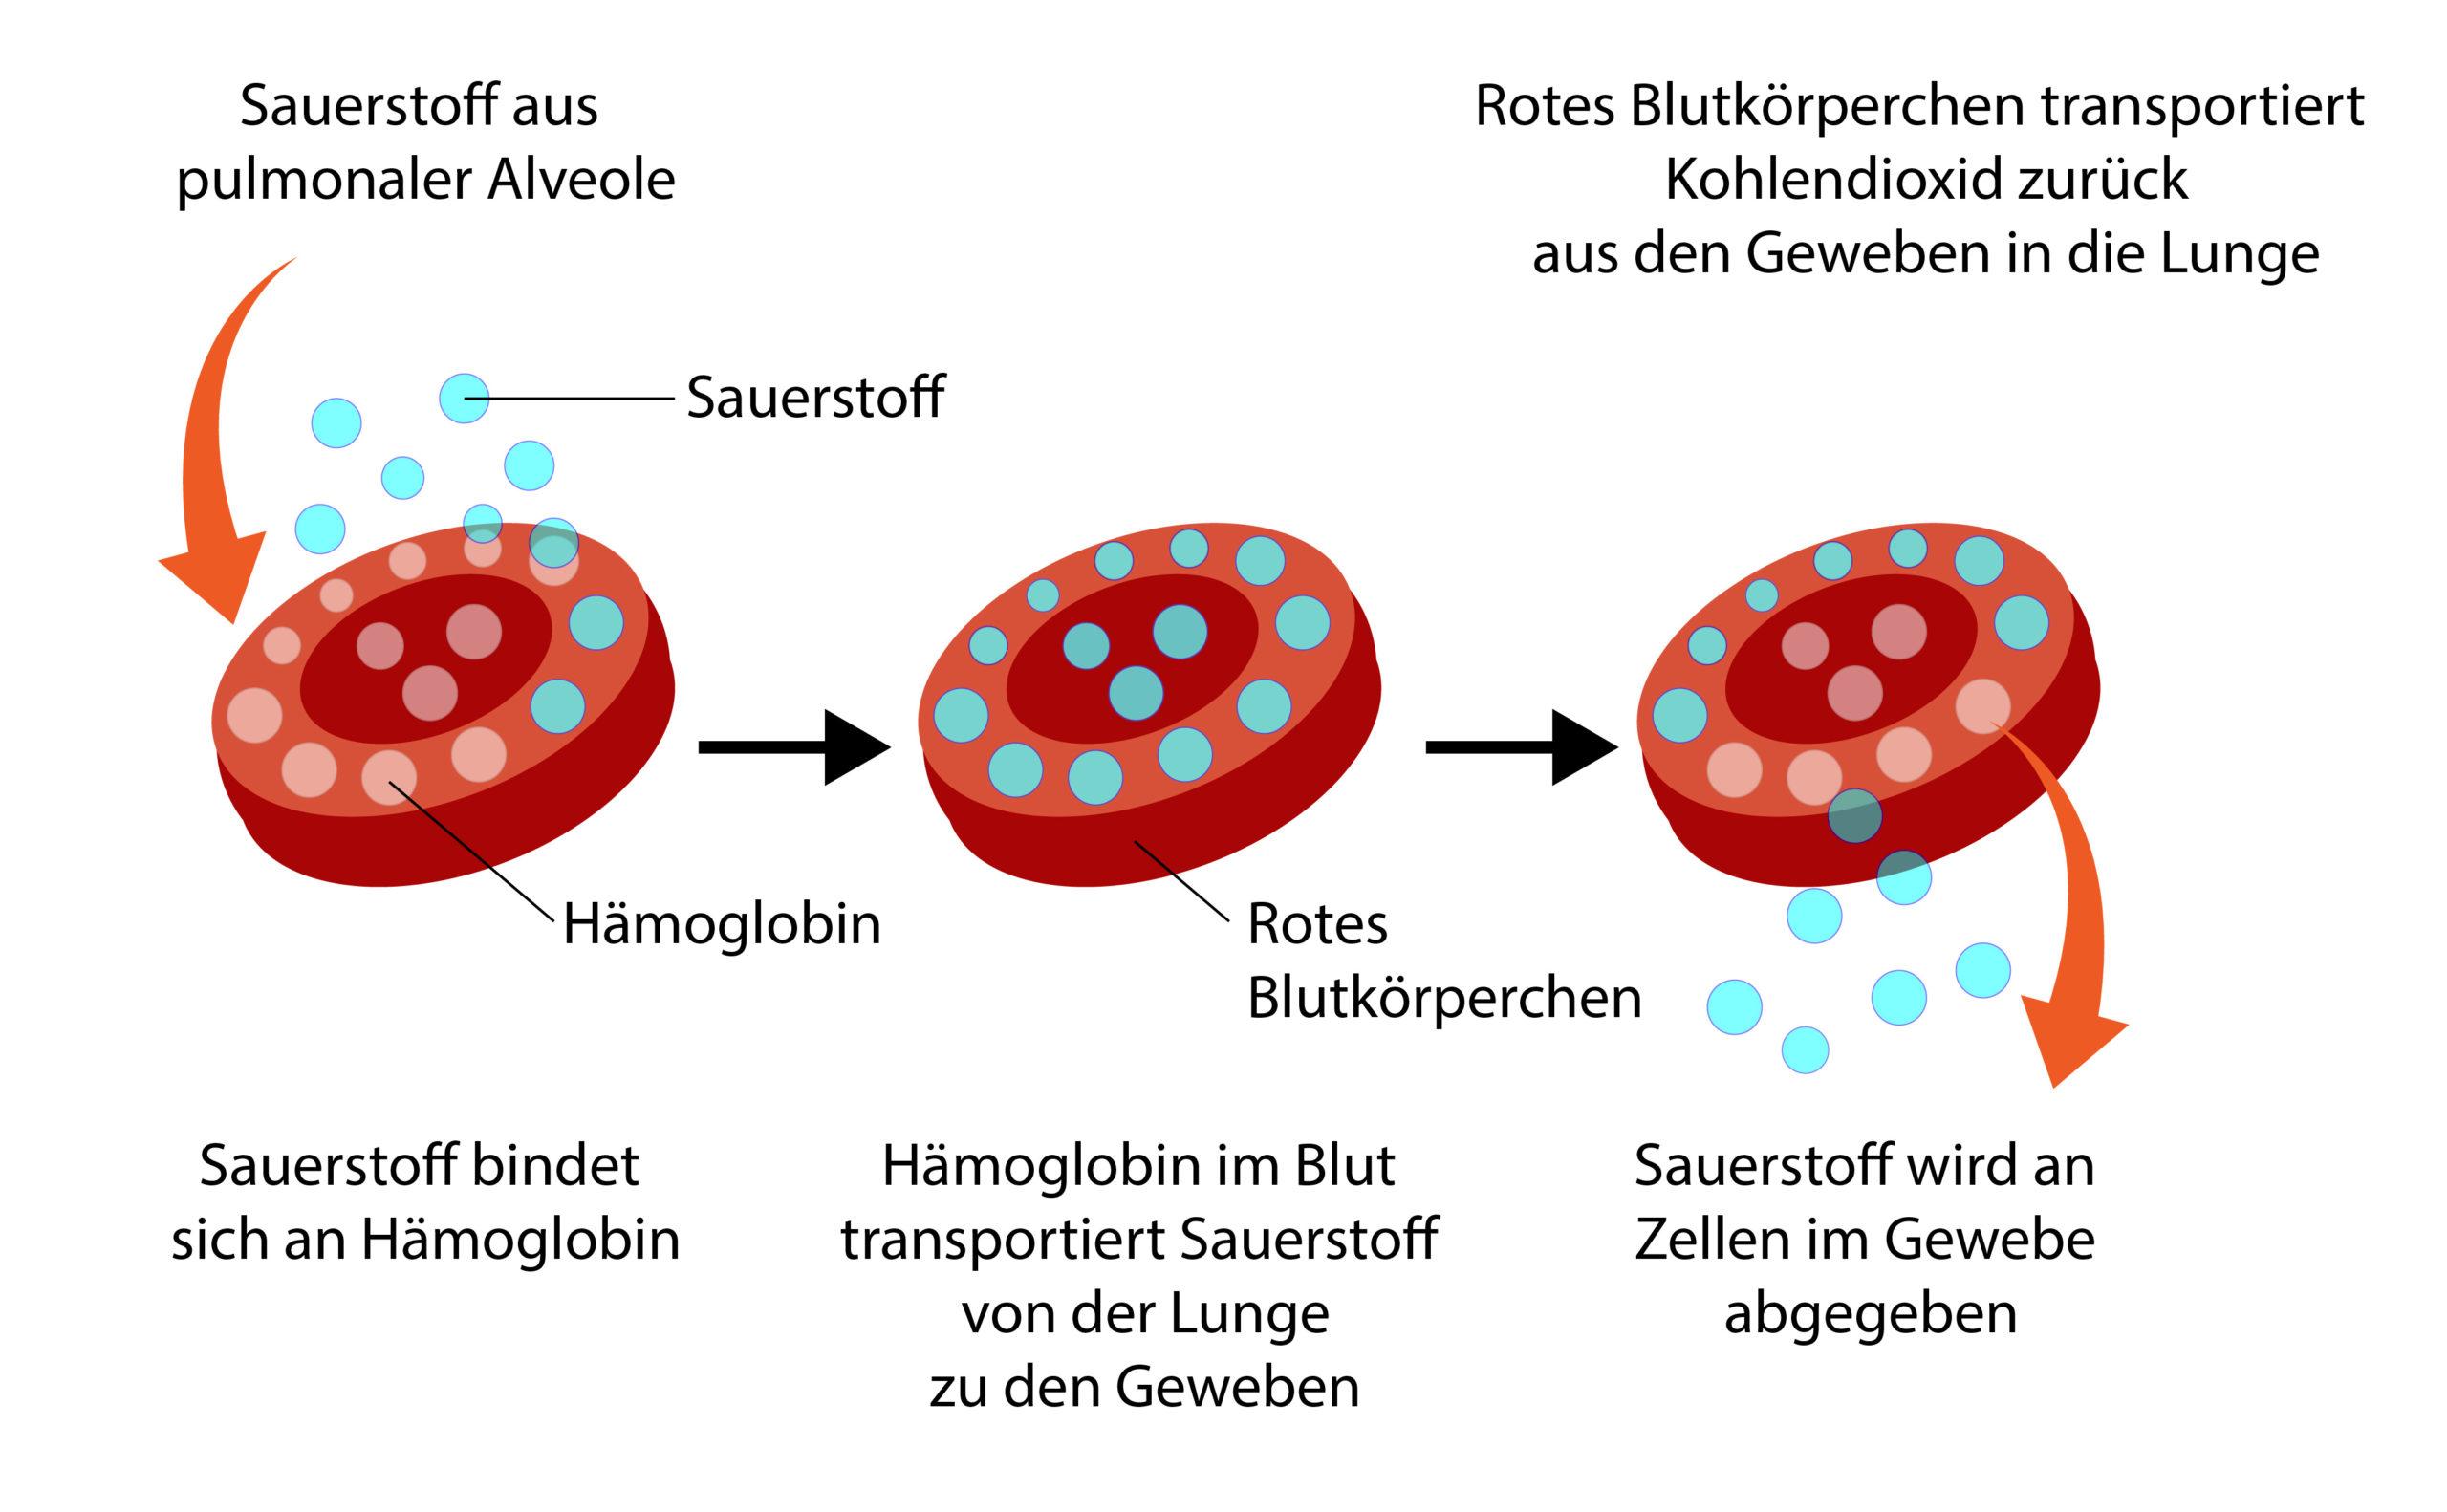 Vereinfachte Darstellung der Be- und Entladung eines Hämoglobins mit Sauerstoff.